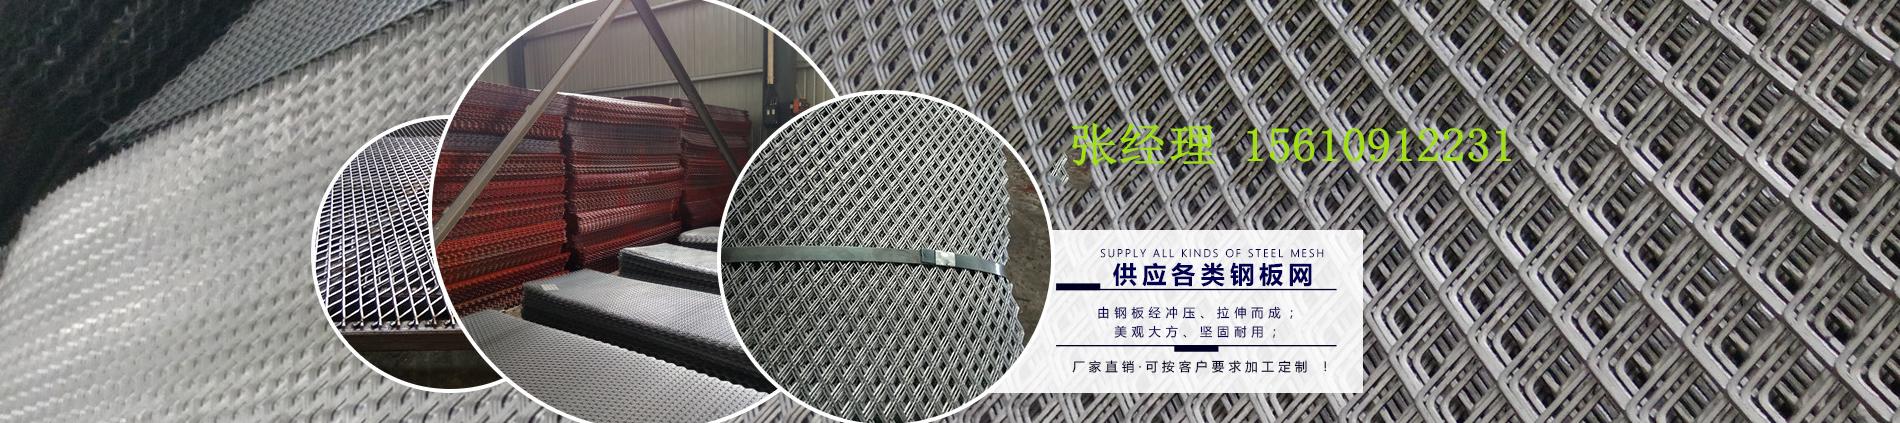 安平县晟卿金属丝网制品有限公司